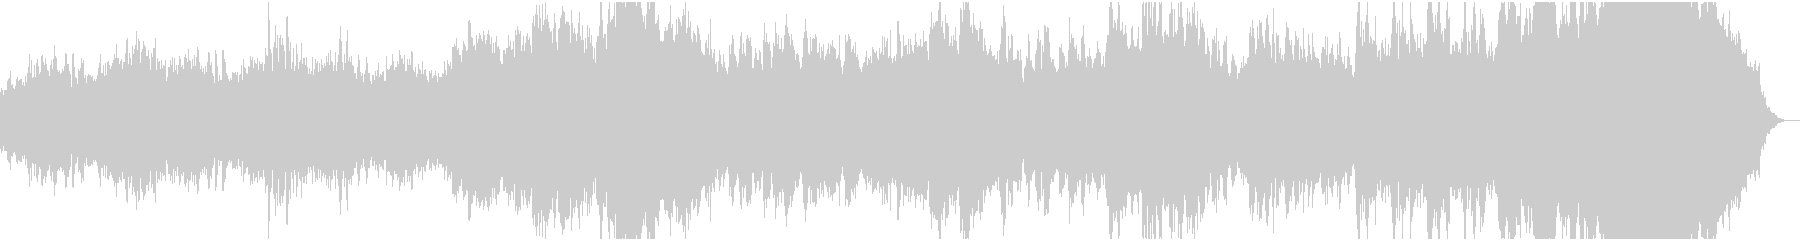 ミニマルピアノ/キラキラ/化粧品のCM風の未再生の波形